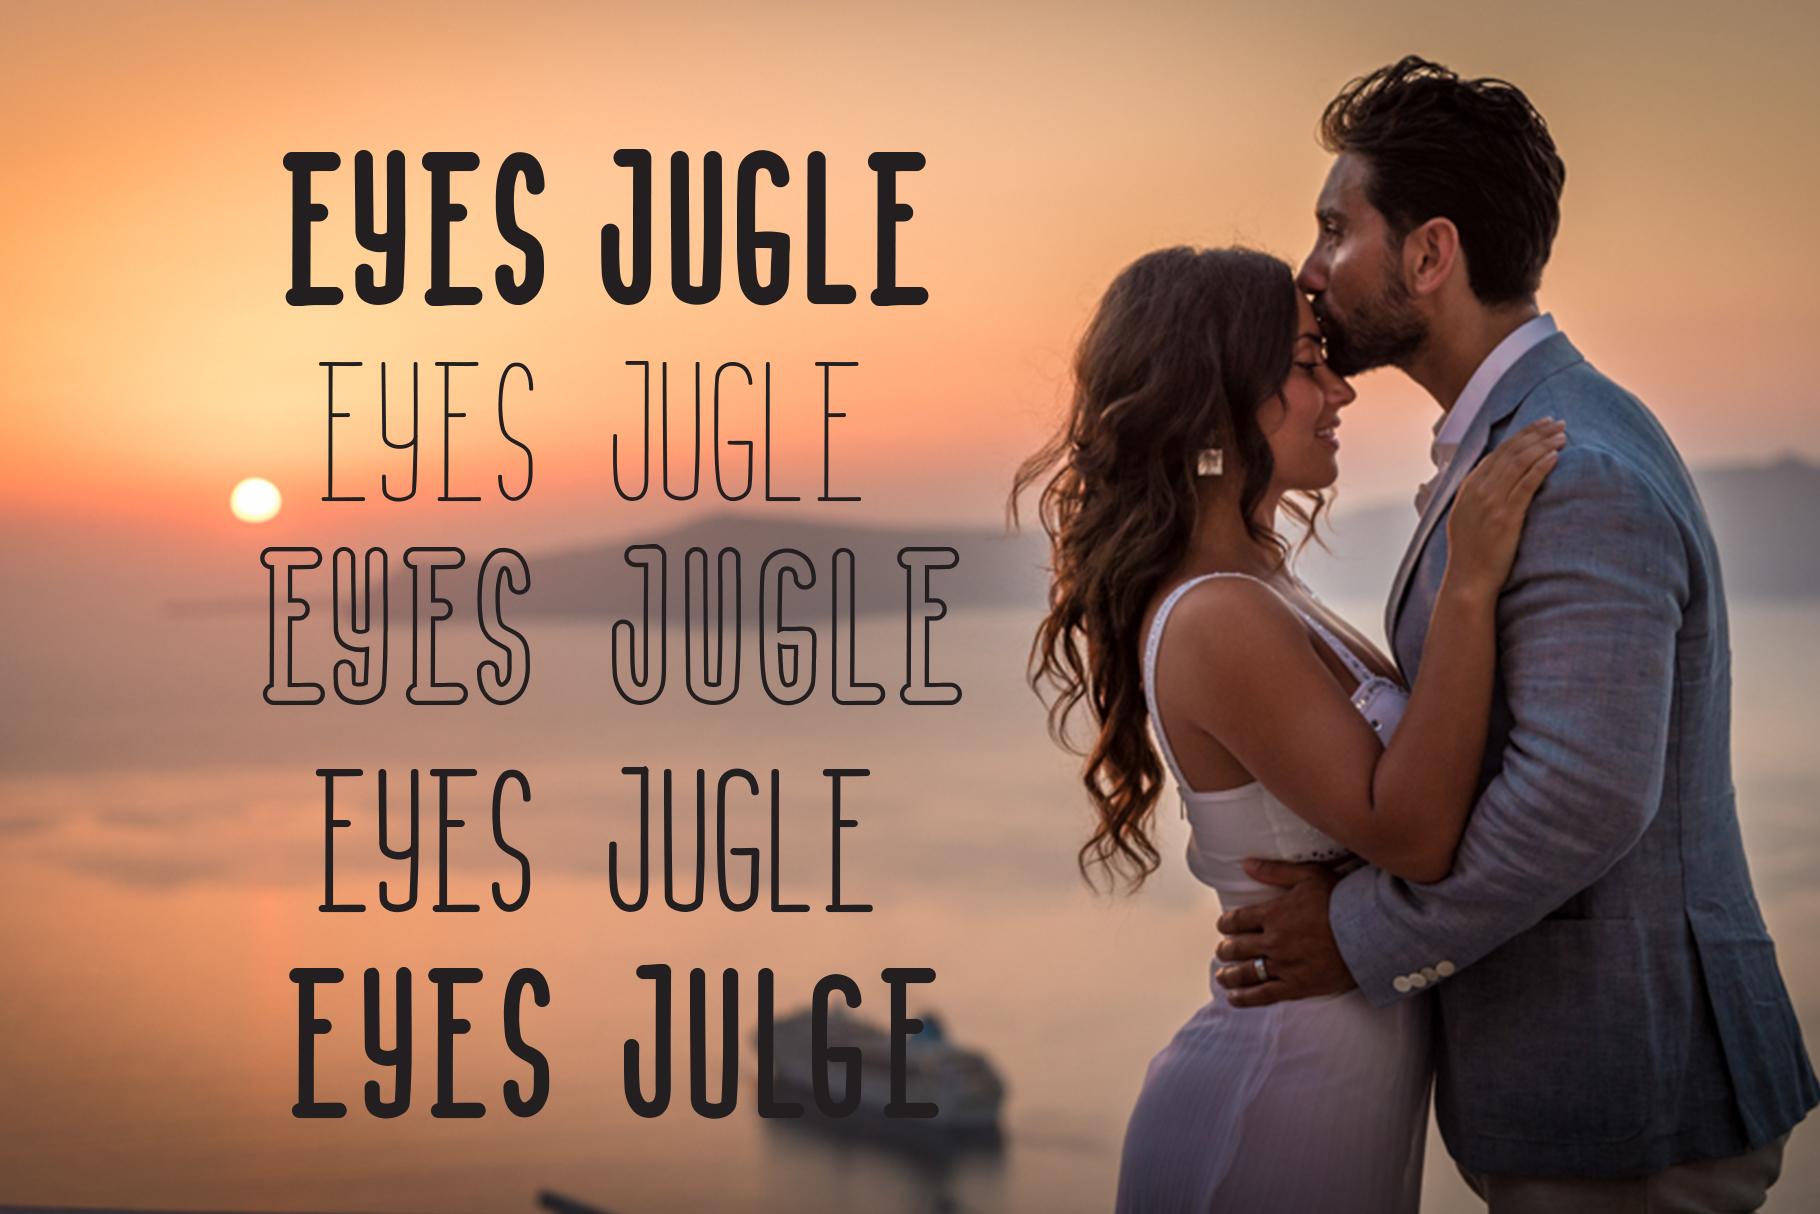 Eyes Jugle Family Font example image 4